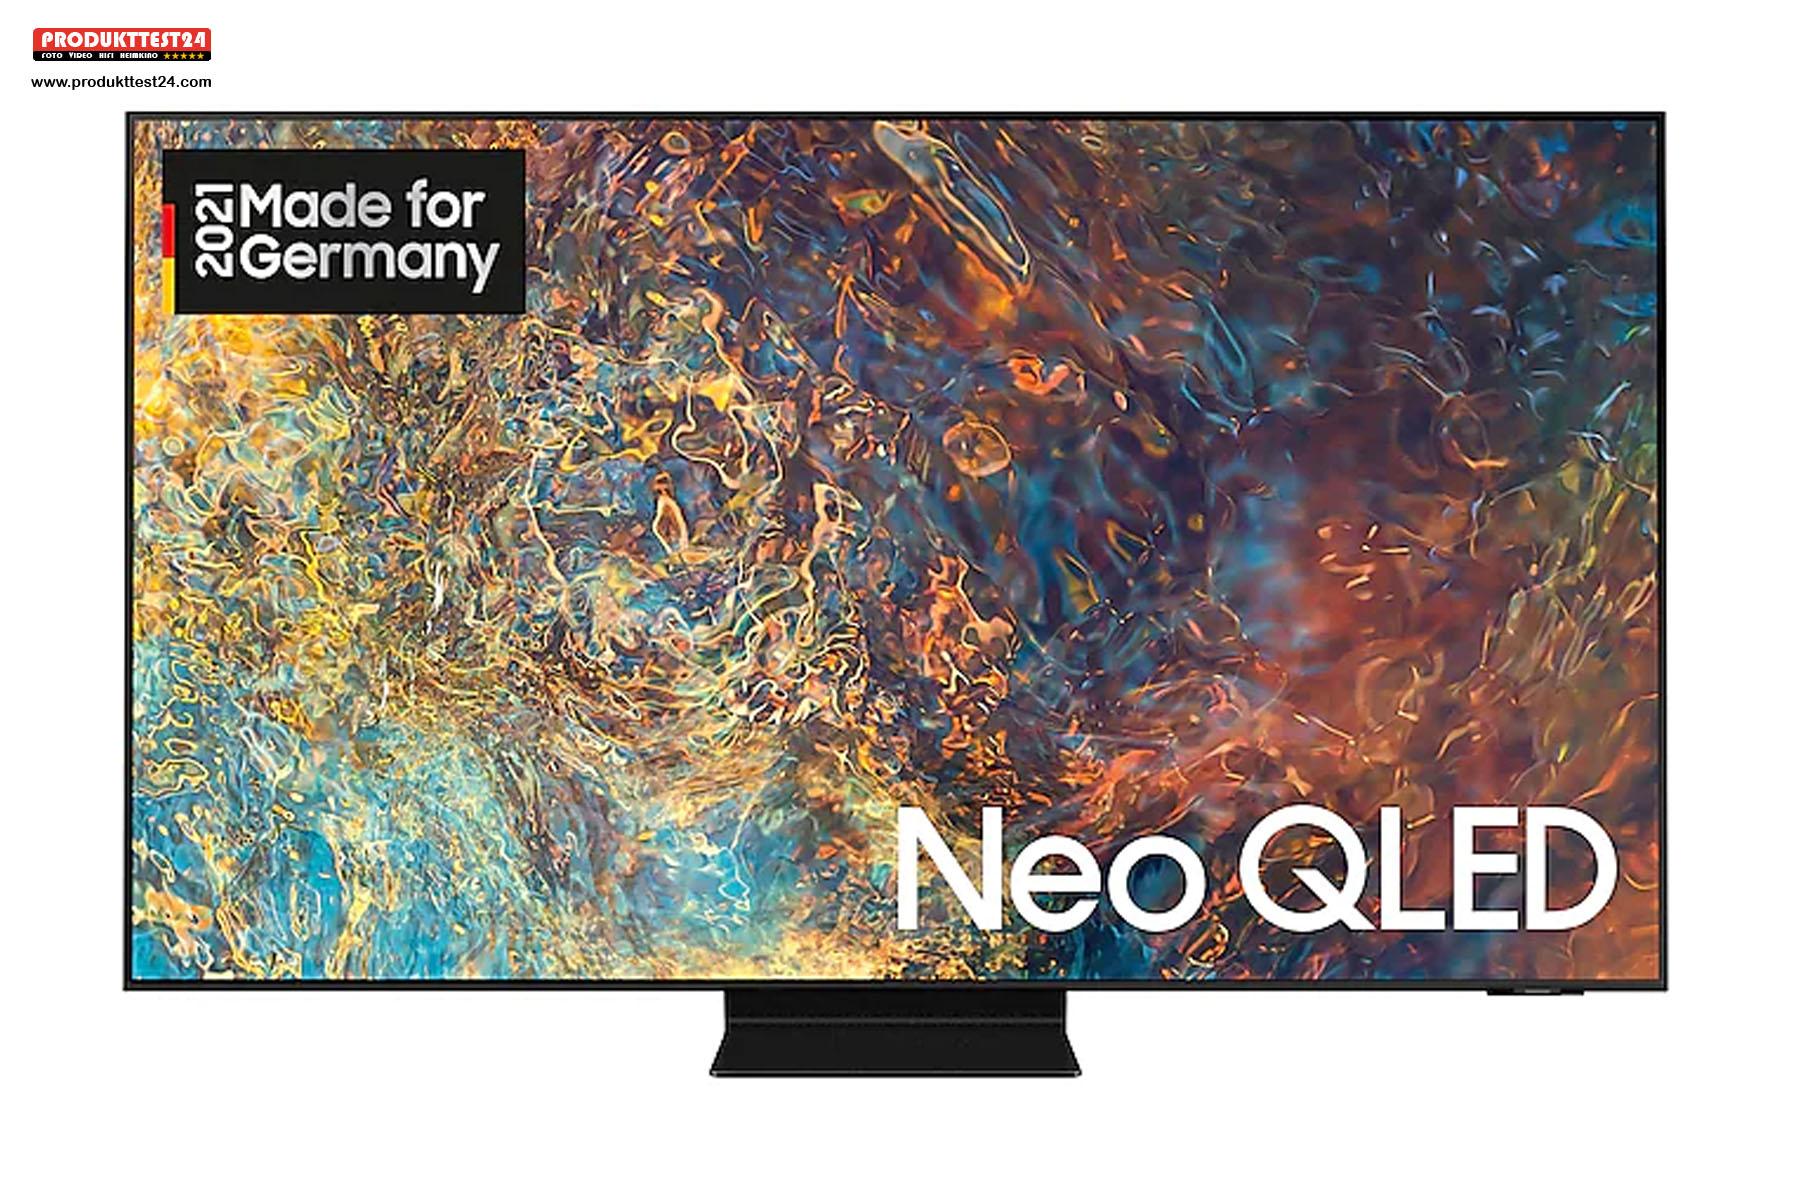 Der Samsung GQ65QN90A bietet eine enorme Bildqualität mit perfektem Schwarz und hellen leuchtenden Farben